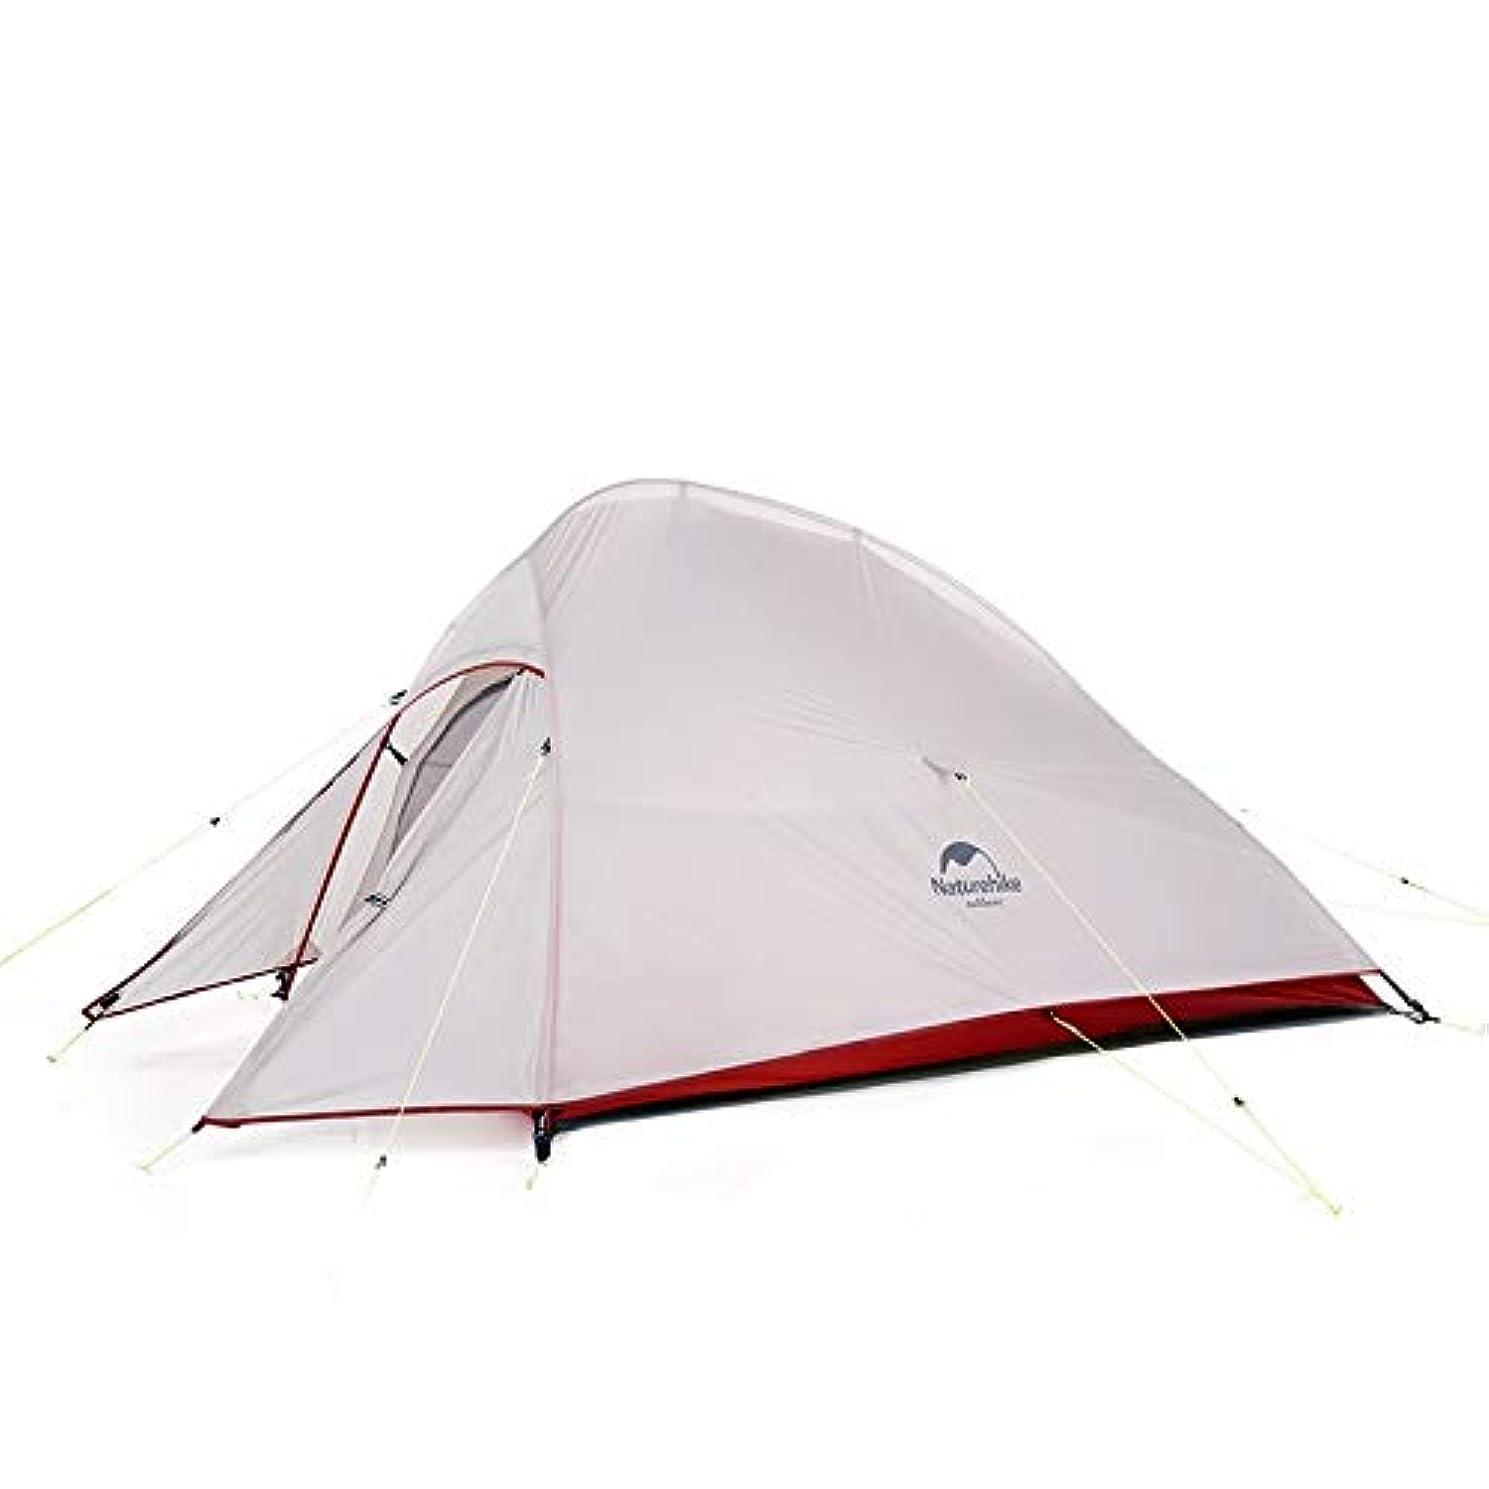 うがい非行にぎやかWppolika 40+ UPFと1000-1500mm防水指数マルチパーソンキャンプピクニックテント2-4ビーチ/キャンプ/キャンプ/アウトドア/釣り/ビーチ